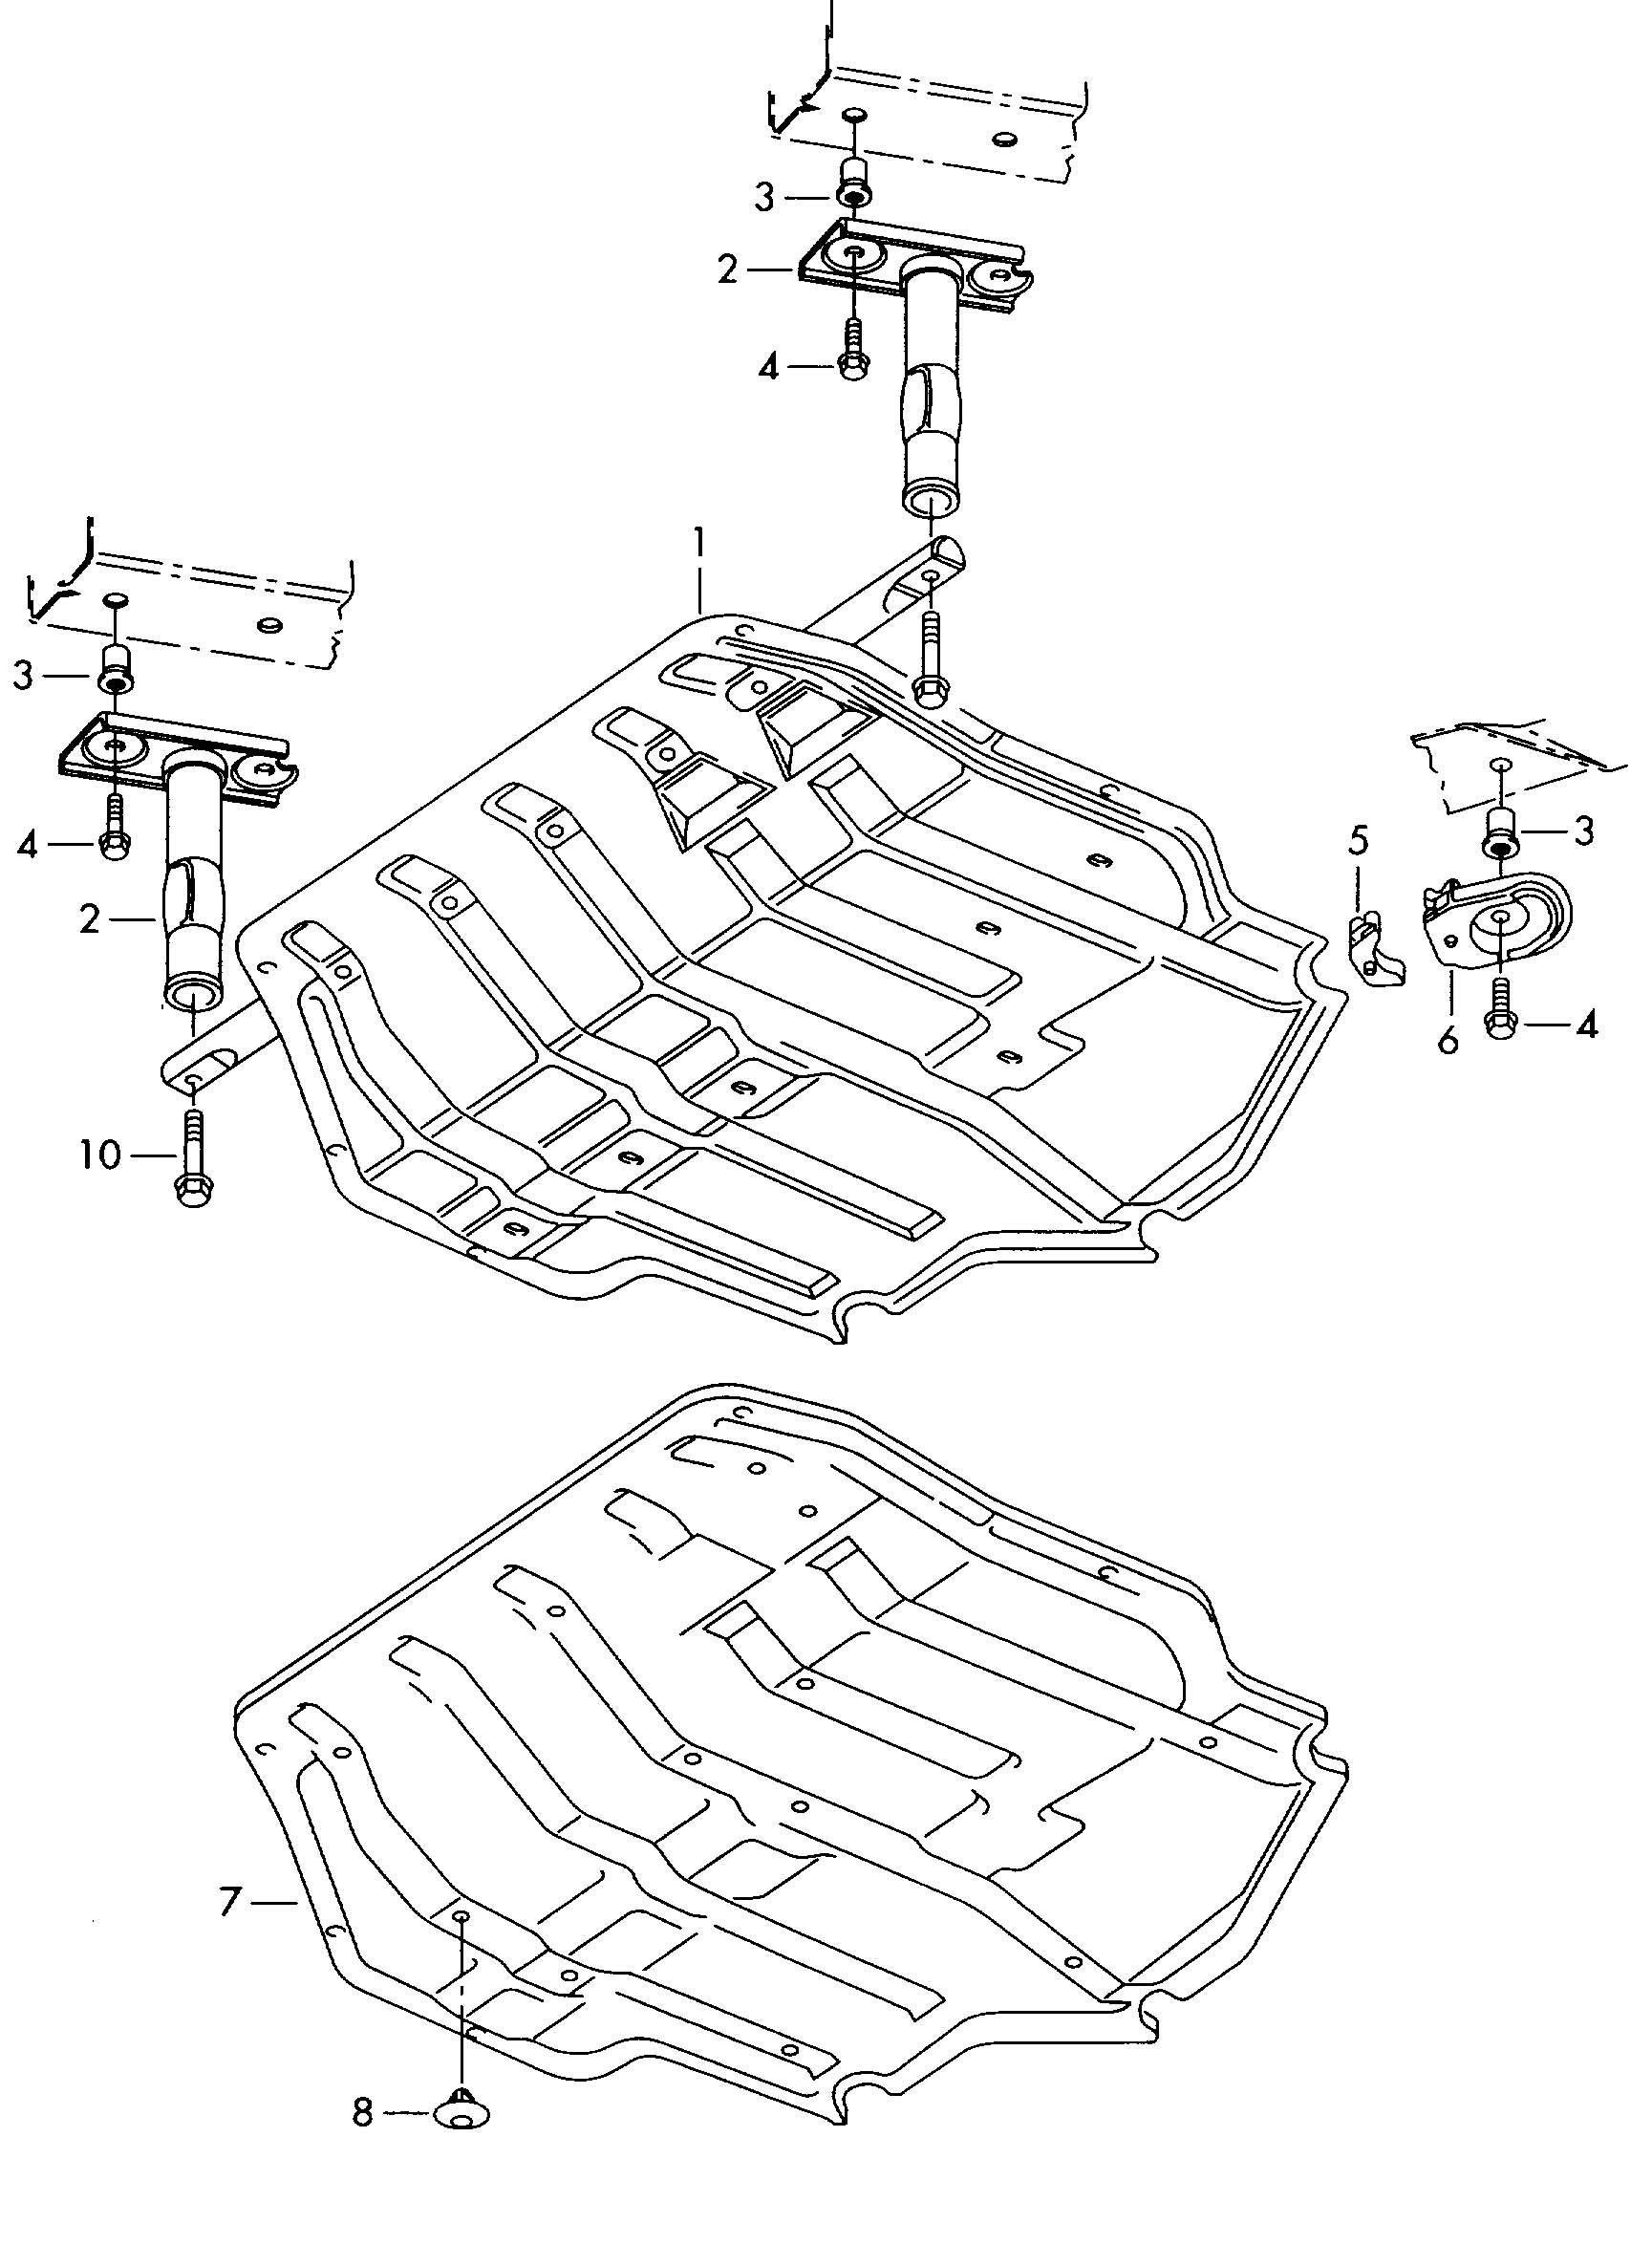 Volkswagen Golf 6 Mt 2 0l Skid Plate Under Body Protection Otto Engine Otto Engine Ottomotor